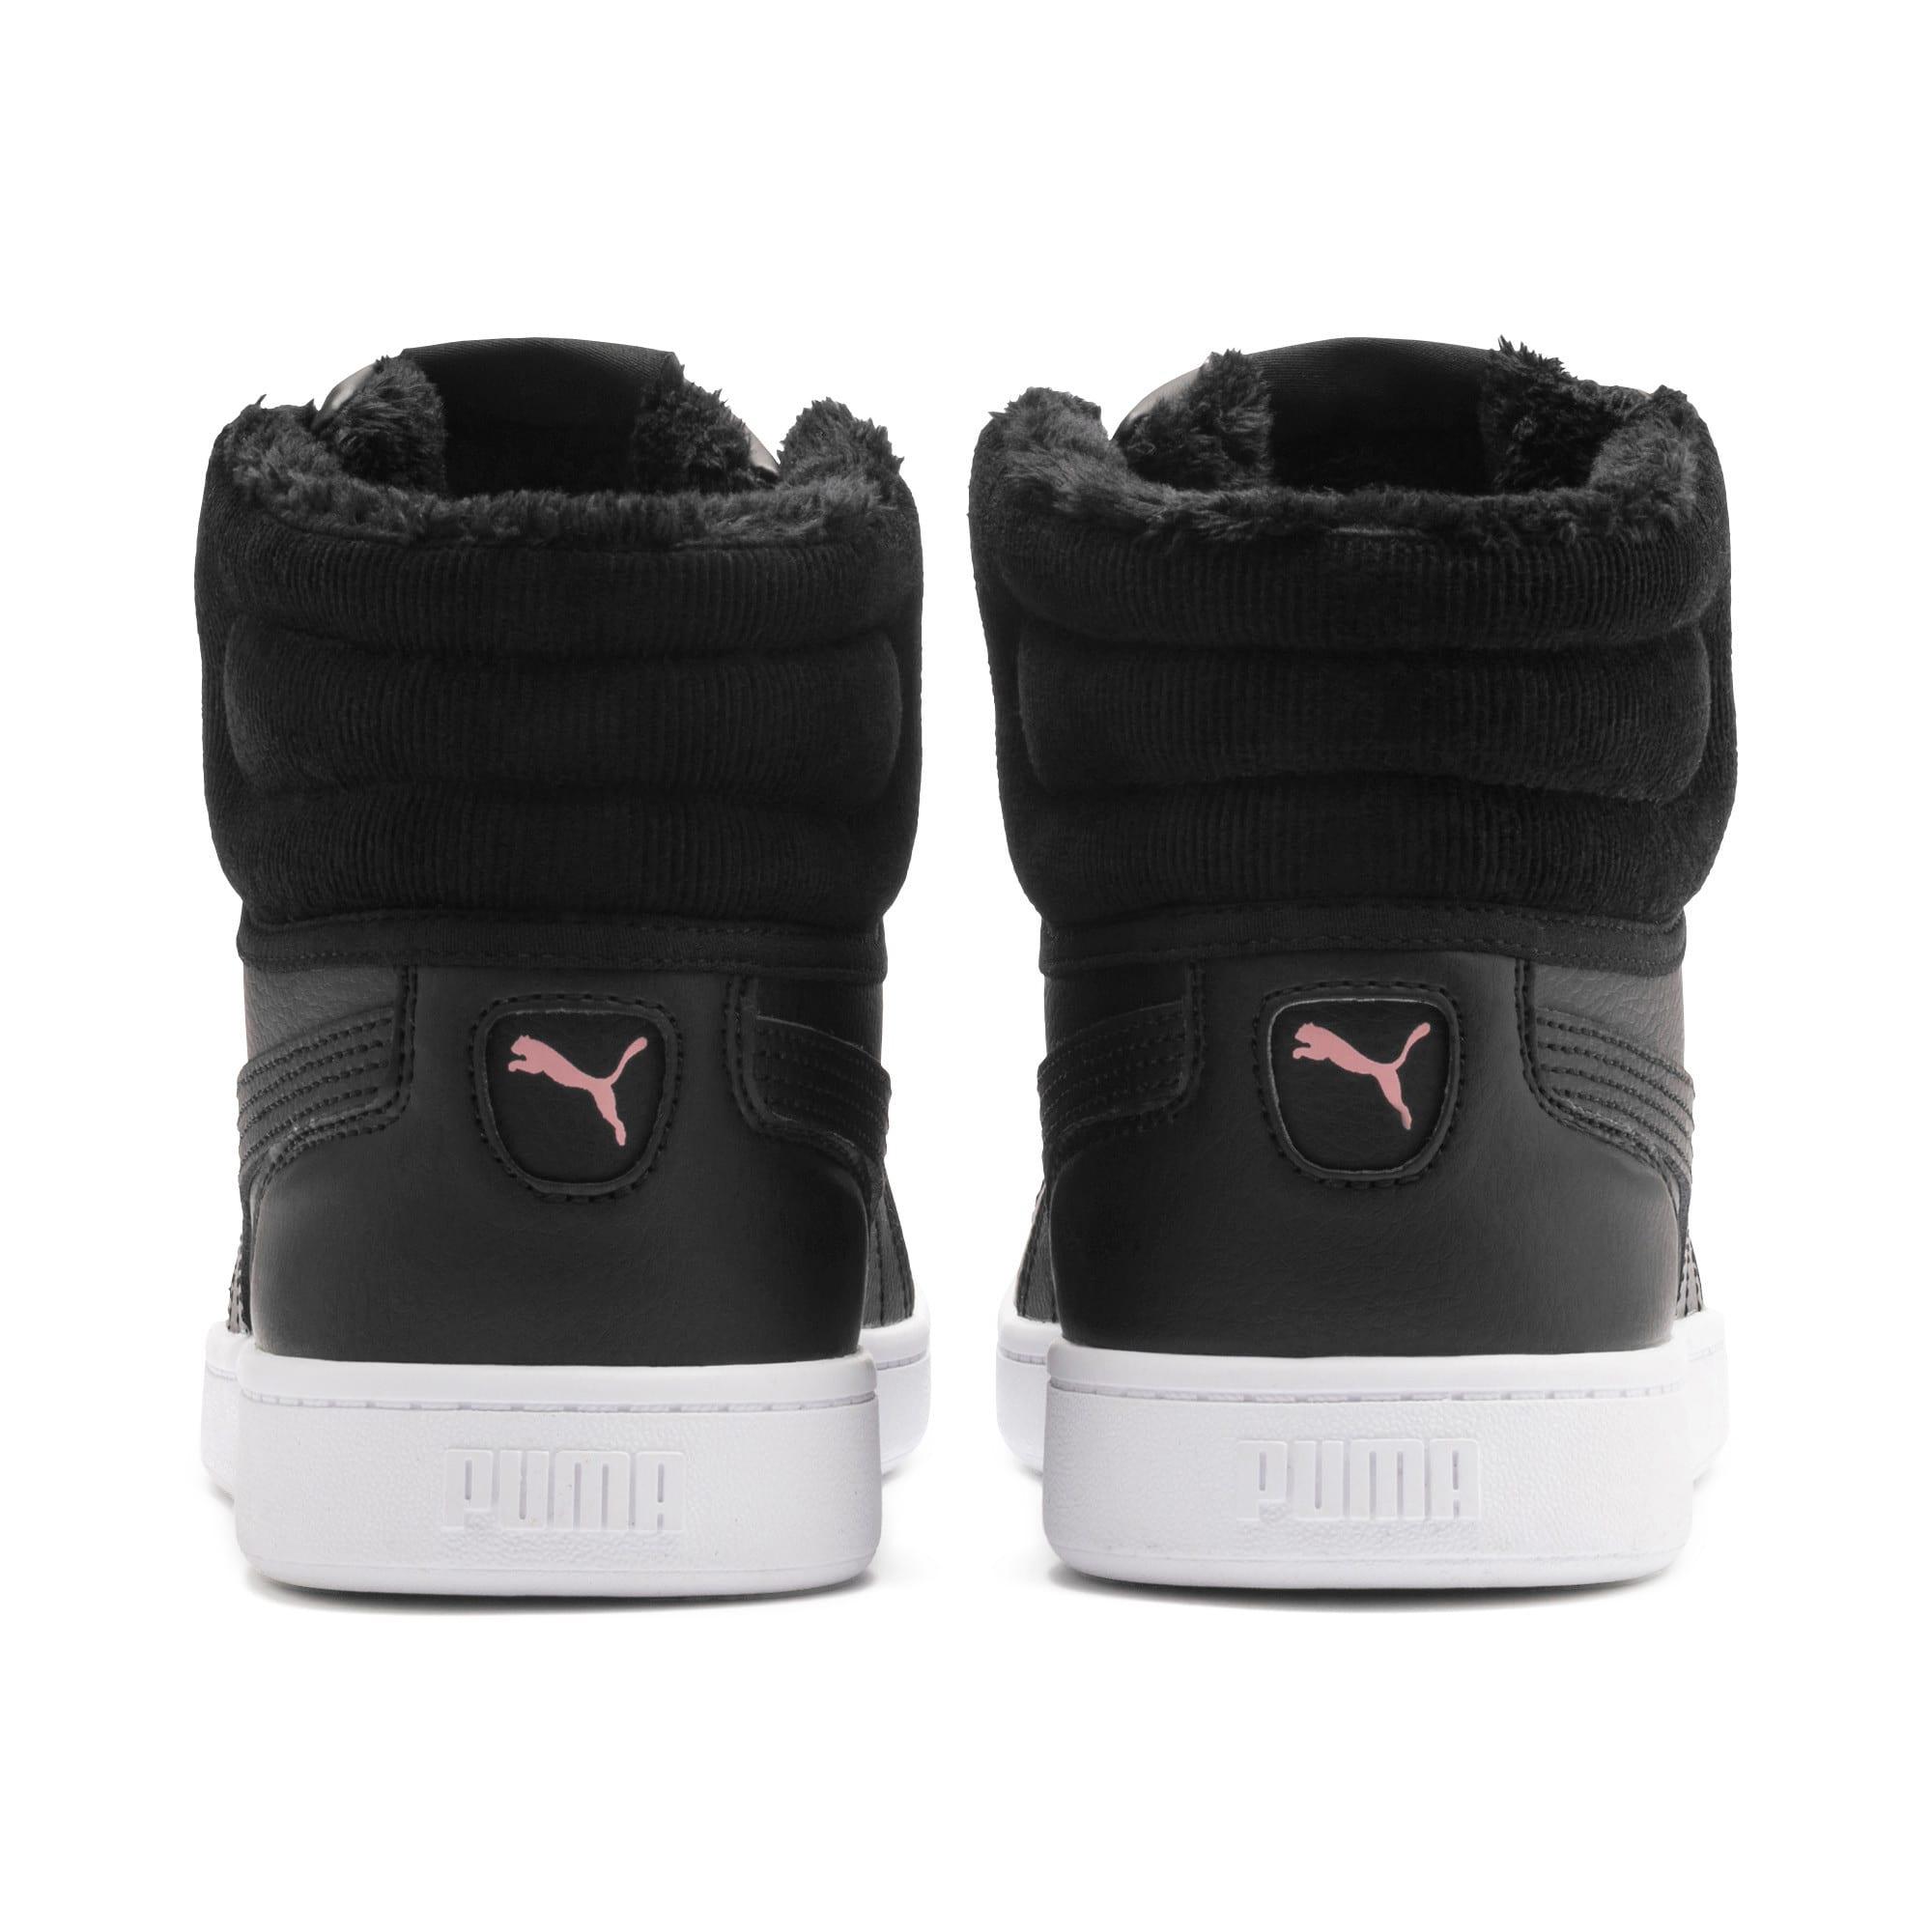 Thumbnail 4 of PUMA Vikky v2 Mid Winter Women's Sneakers, Puma Black-Bridal Rose-White, medium